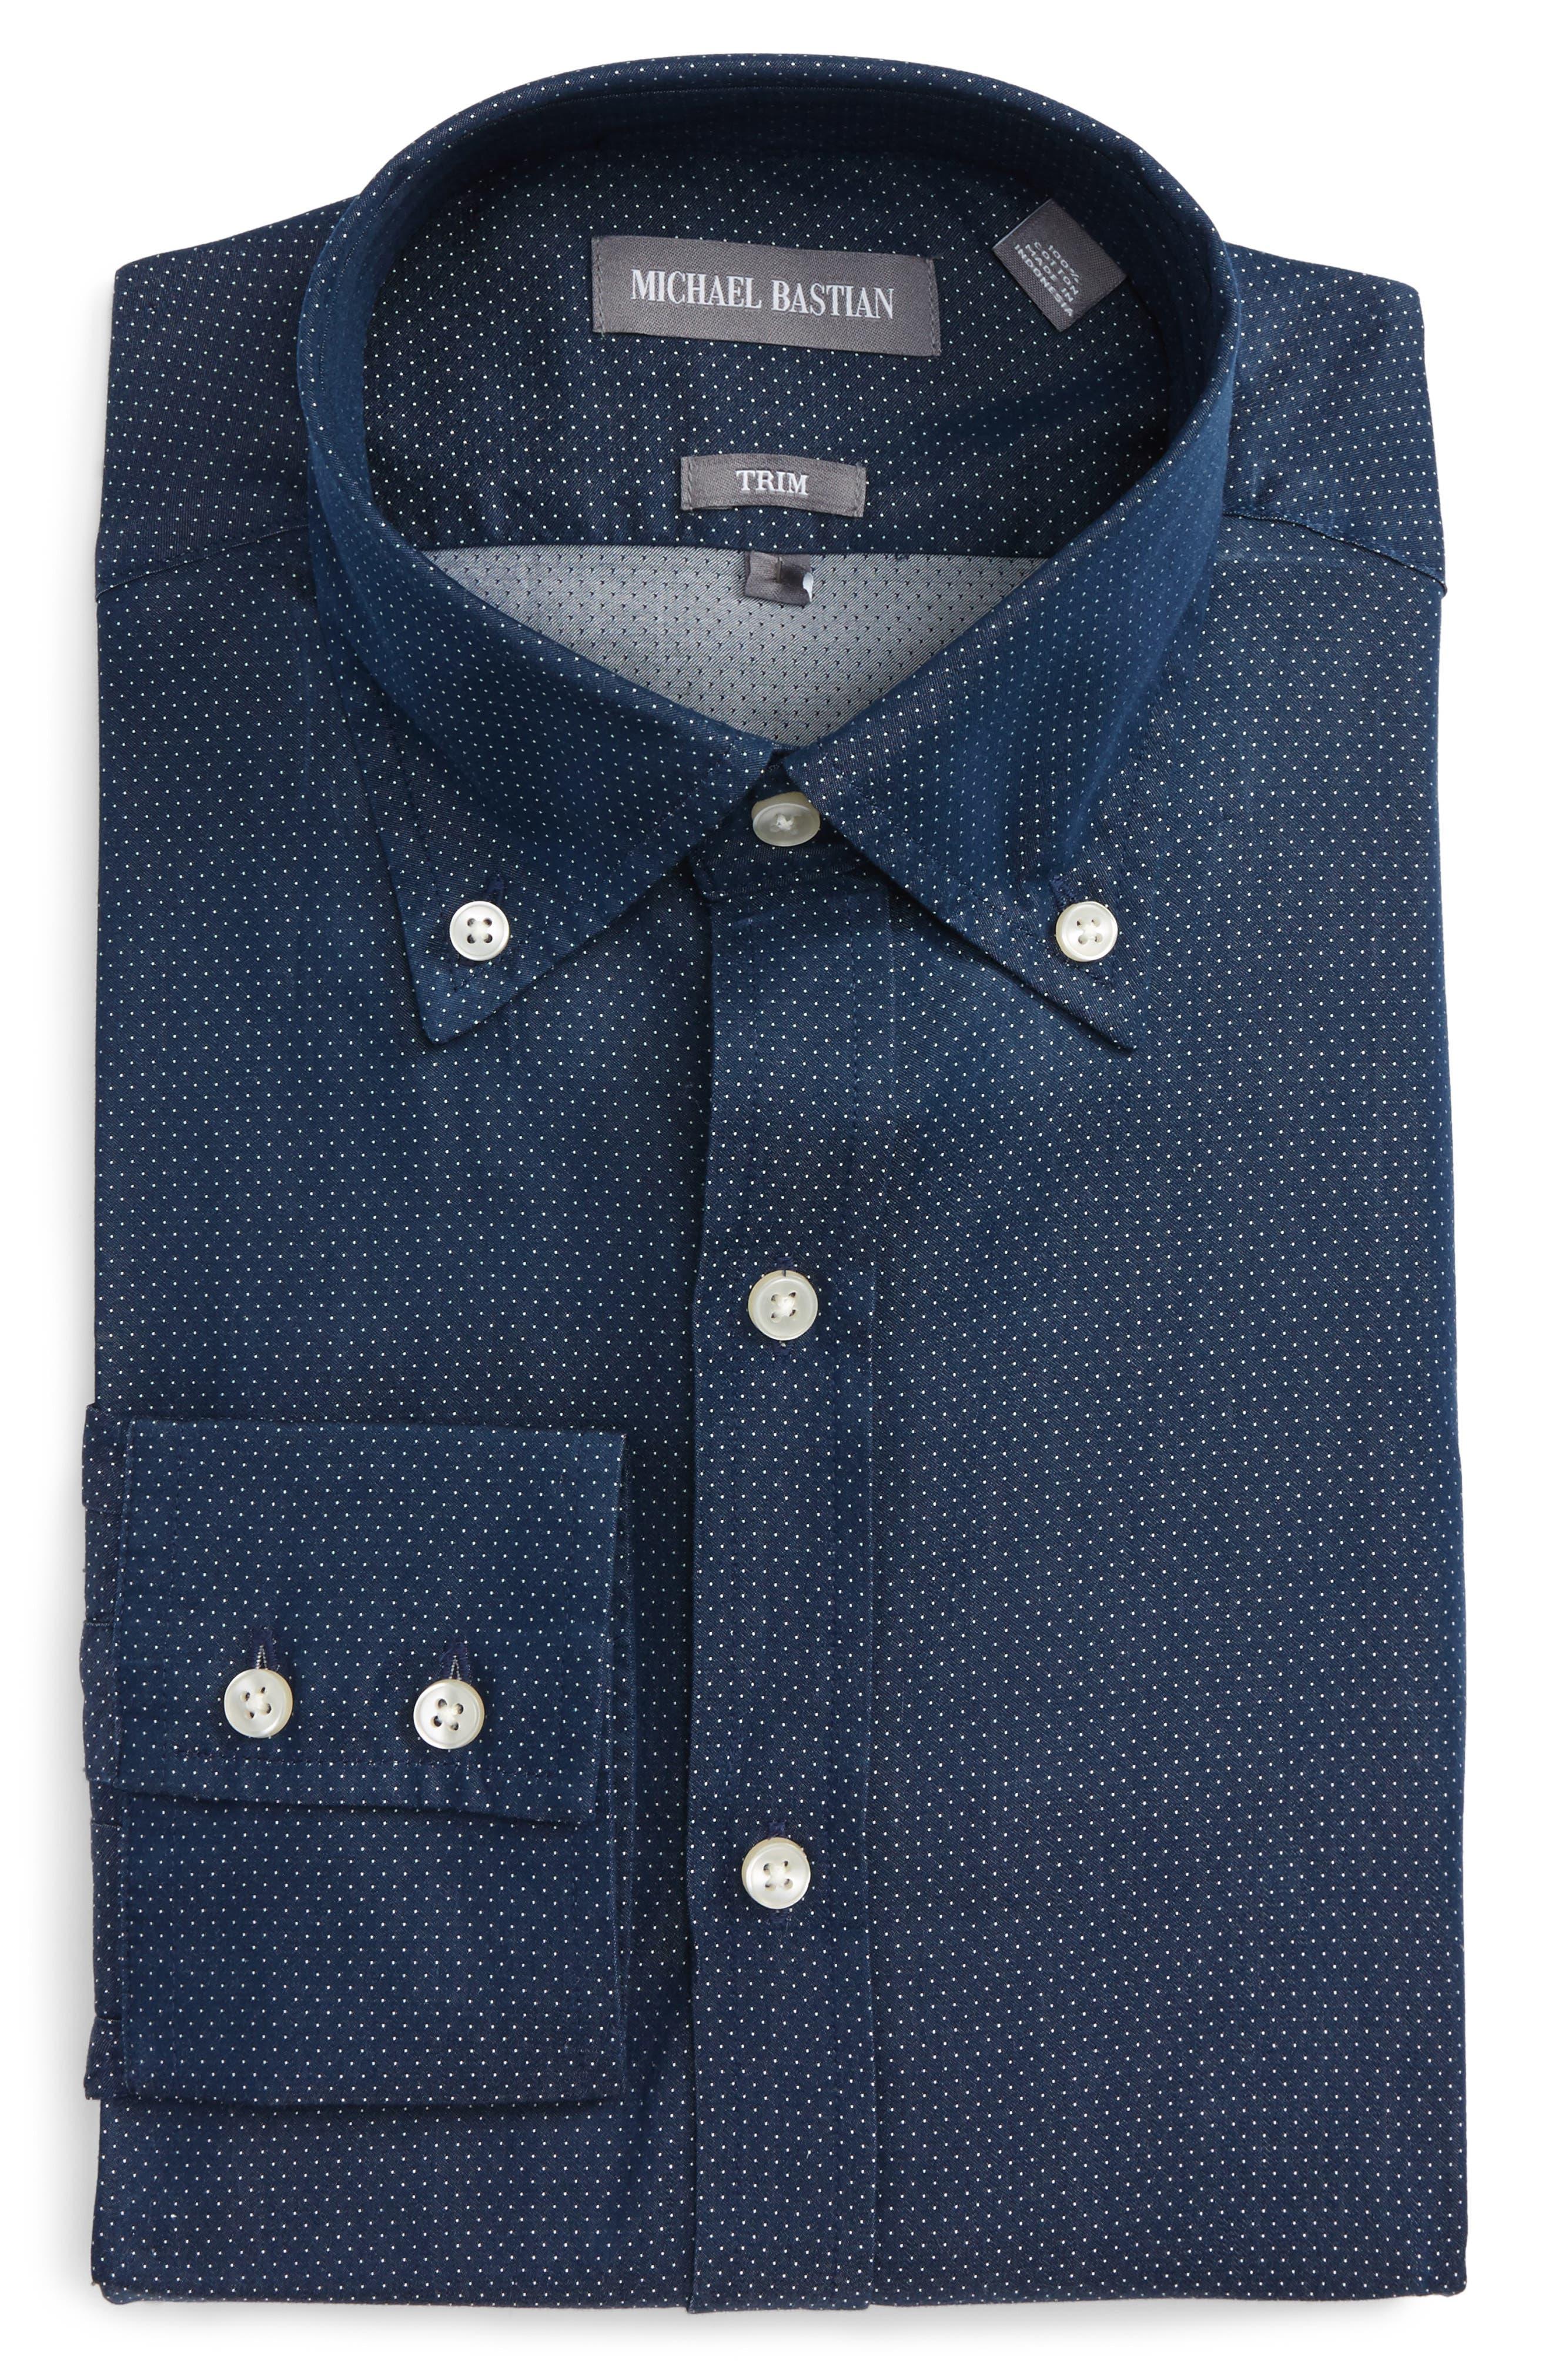 Michael Bastian Trim Fit Microdot Dress Shirt